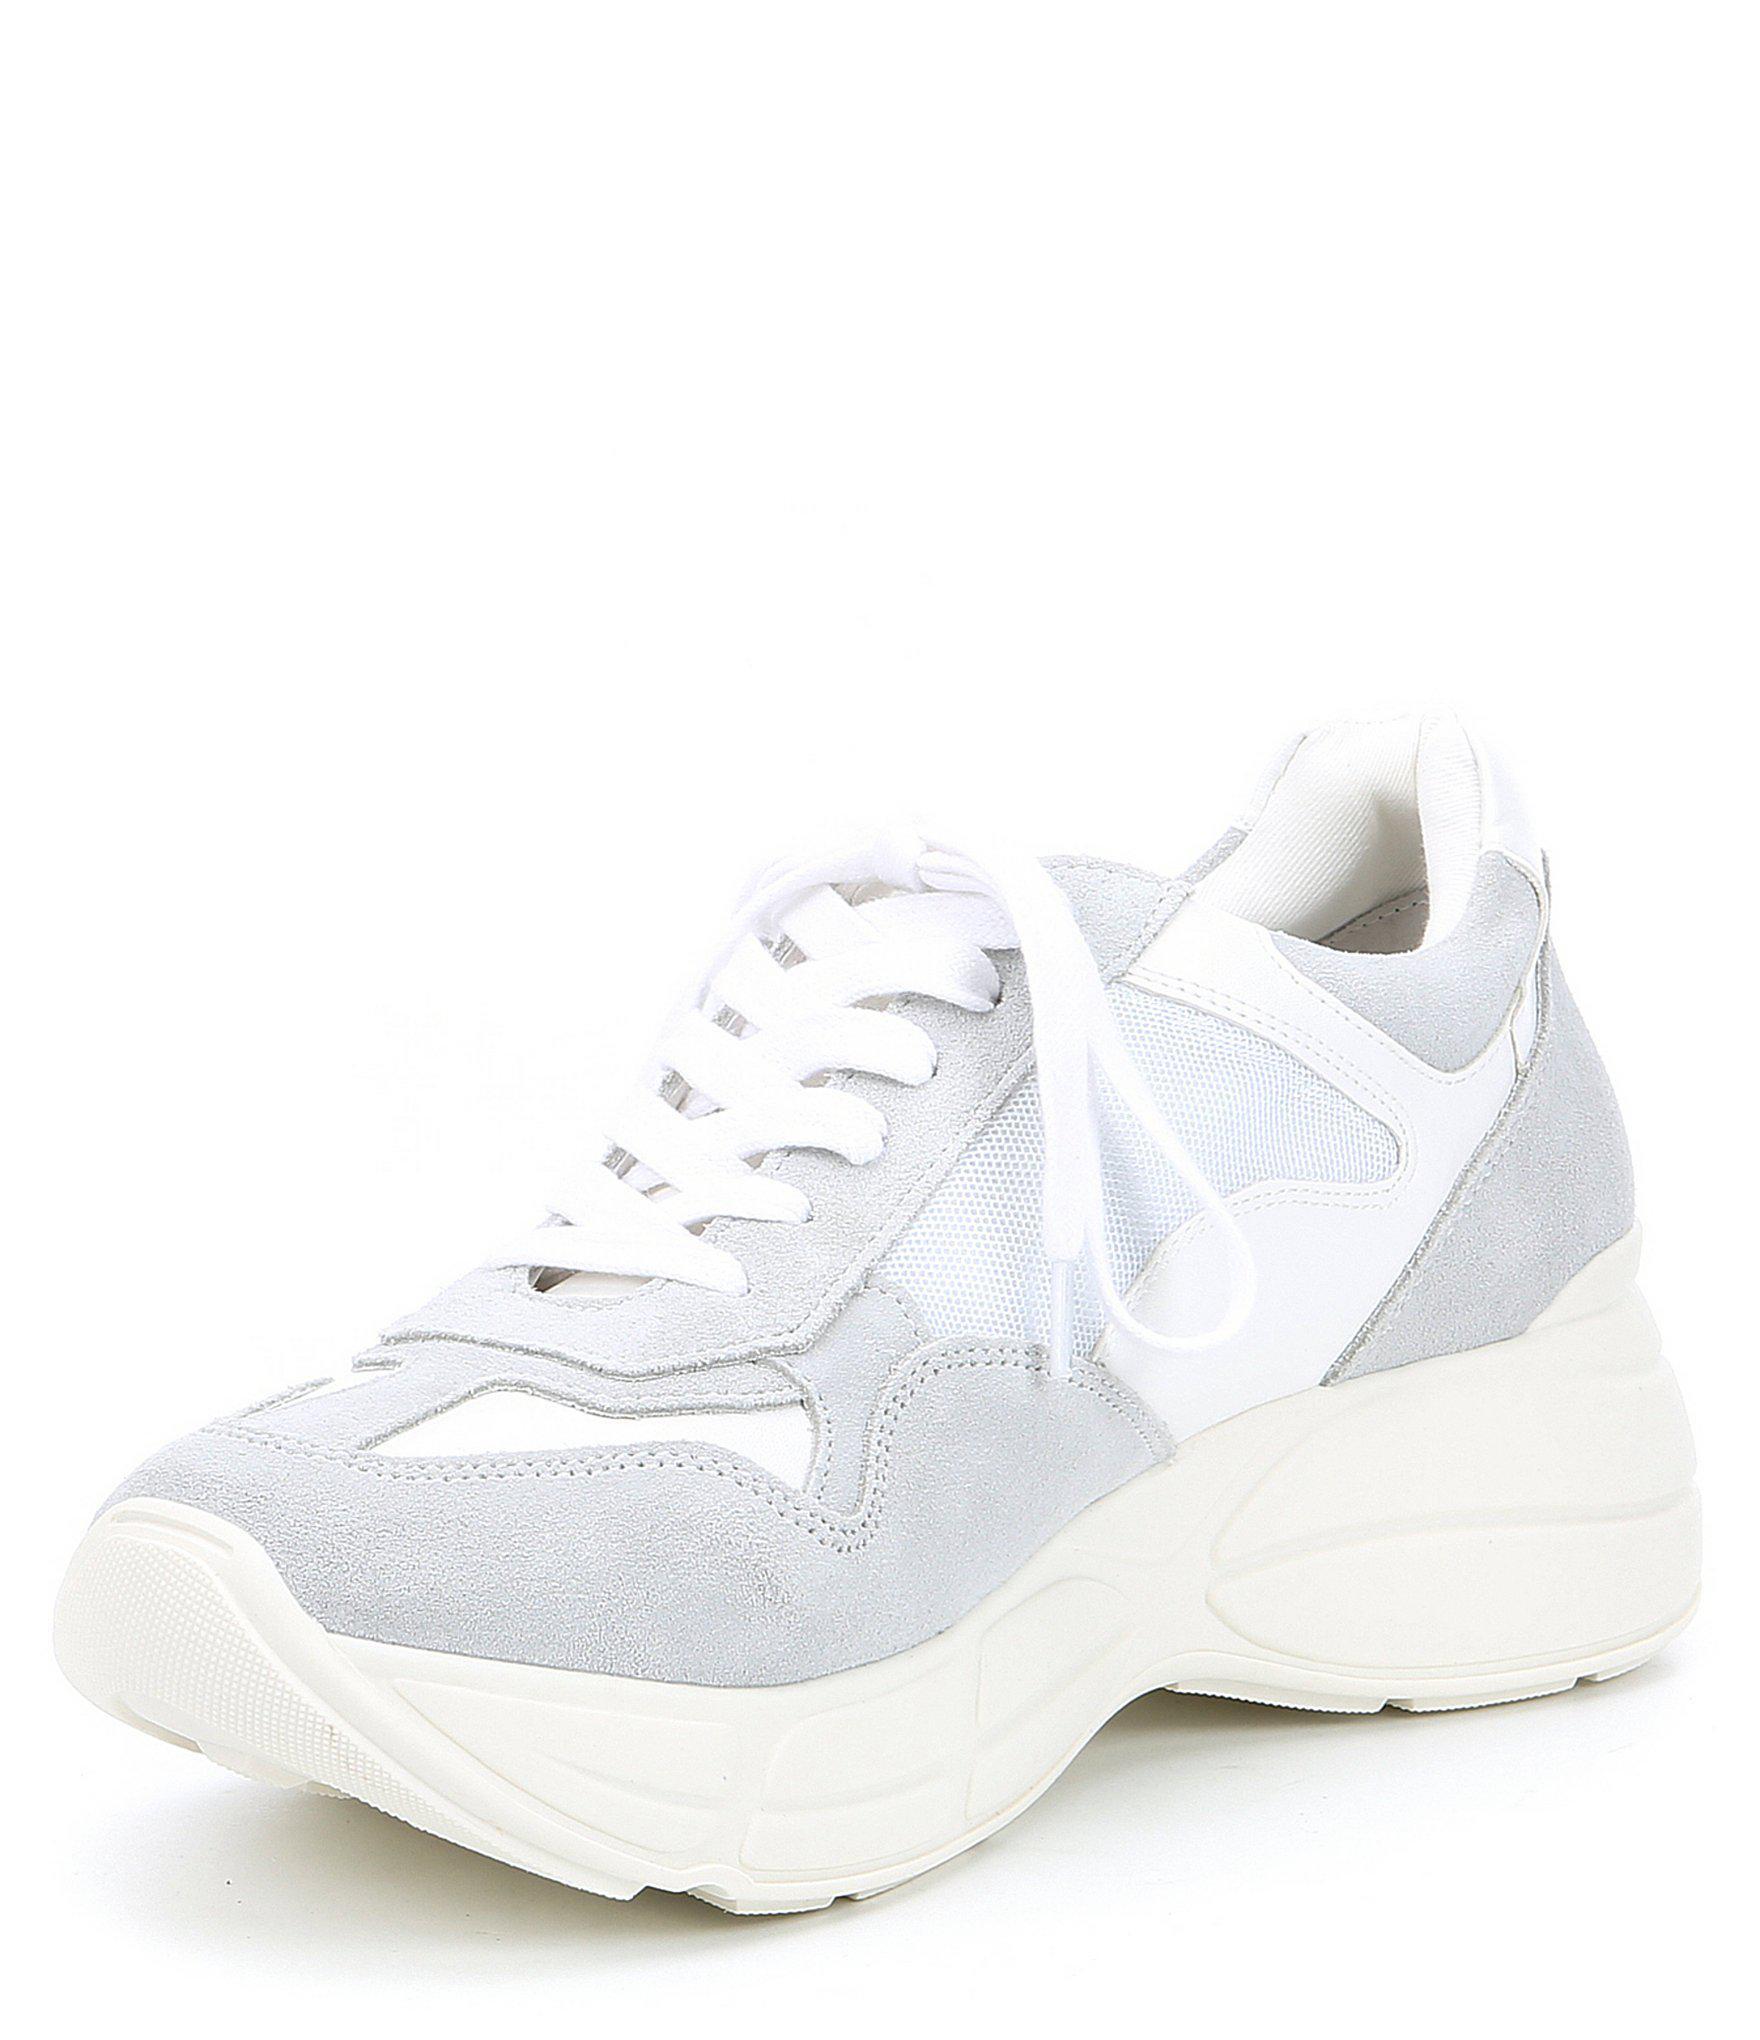 1fbc848412c Lyst - Steve Madden Men s Cole Leather Sneaker in White for Men